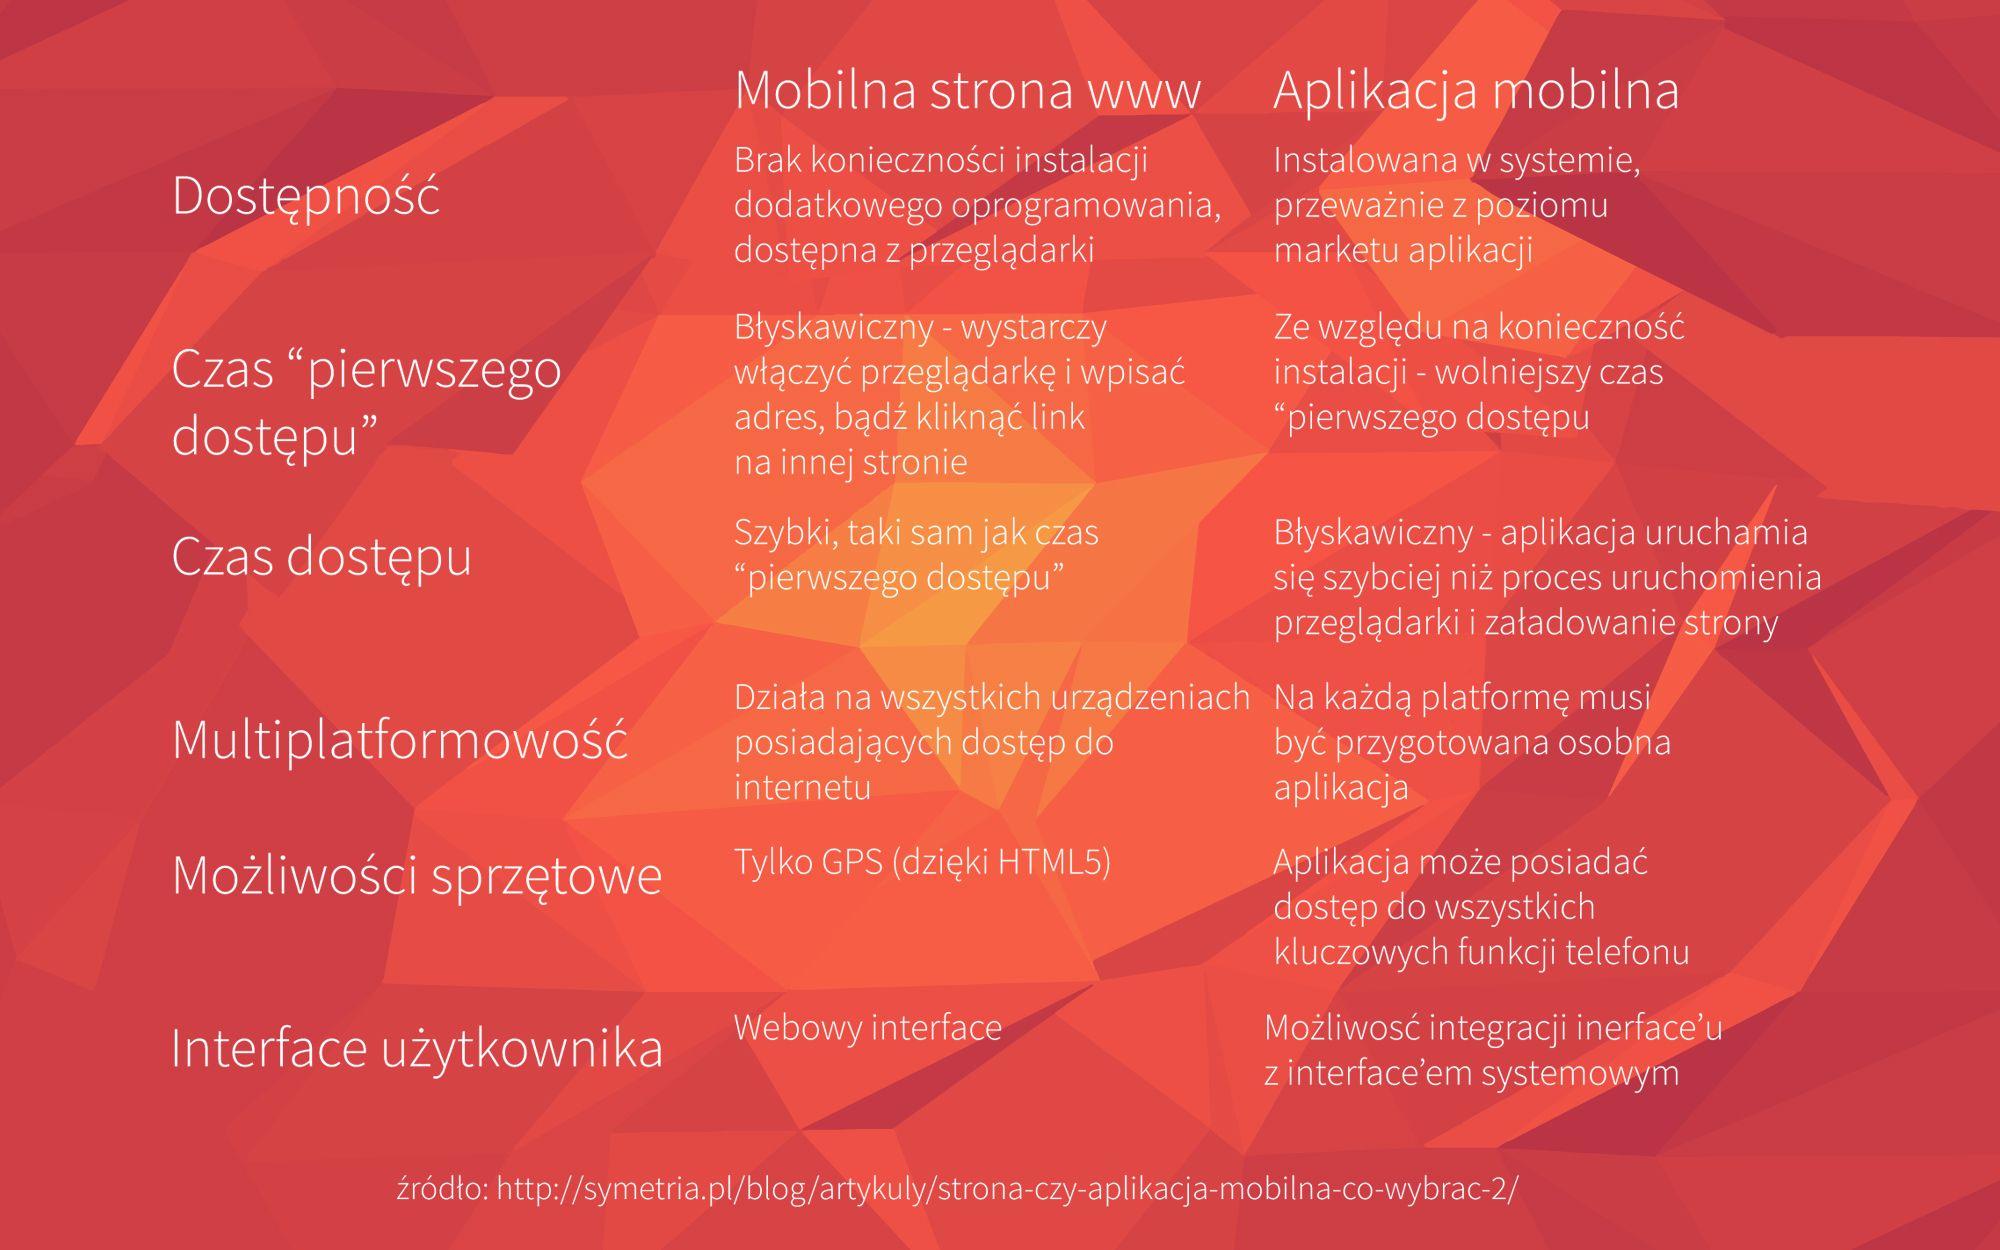 RWD czy mobile app? Oto jest odpowiedź!  Sprawdź naszą infografikę.